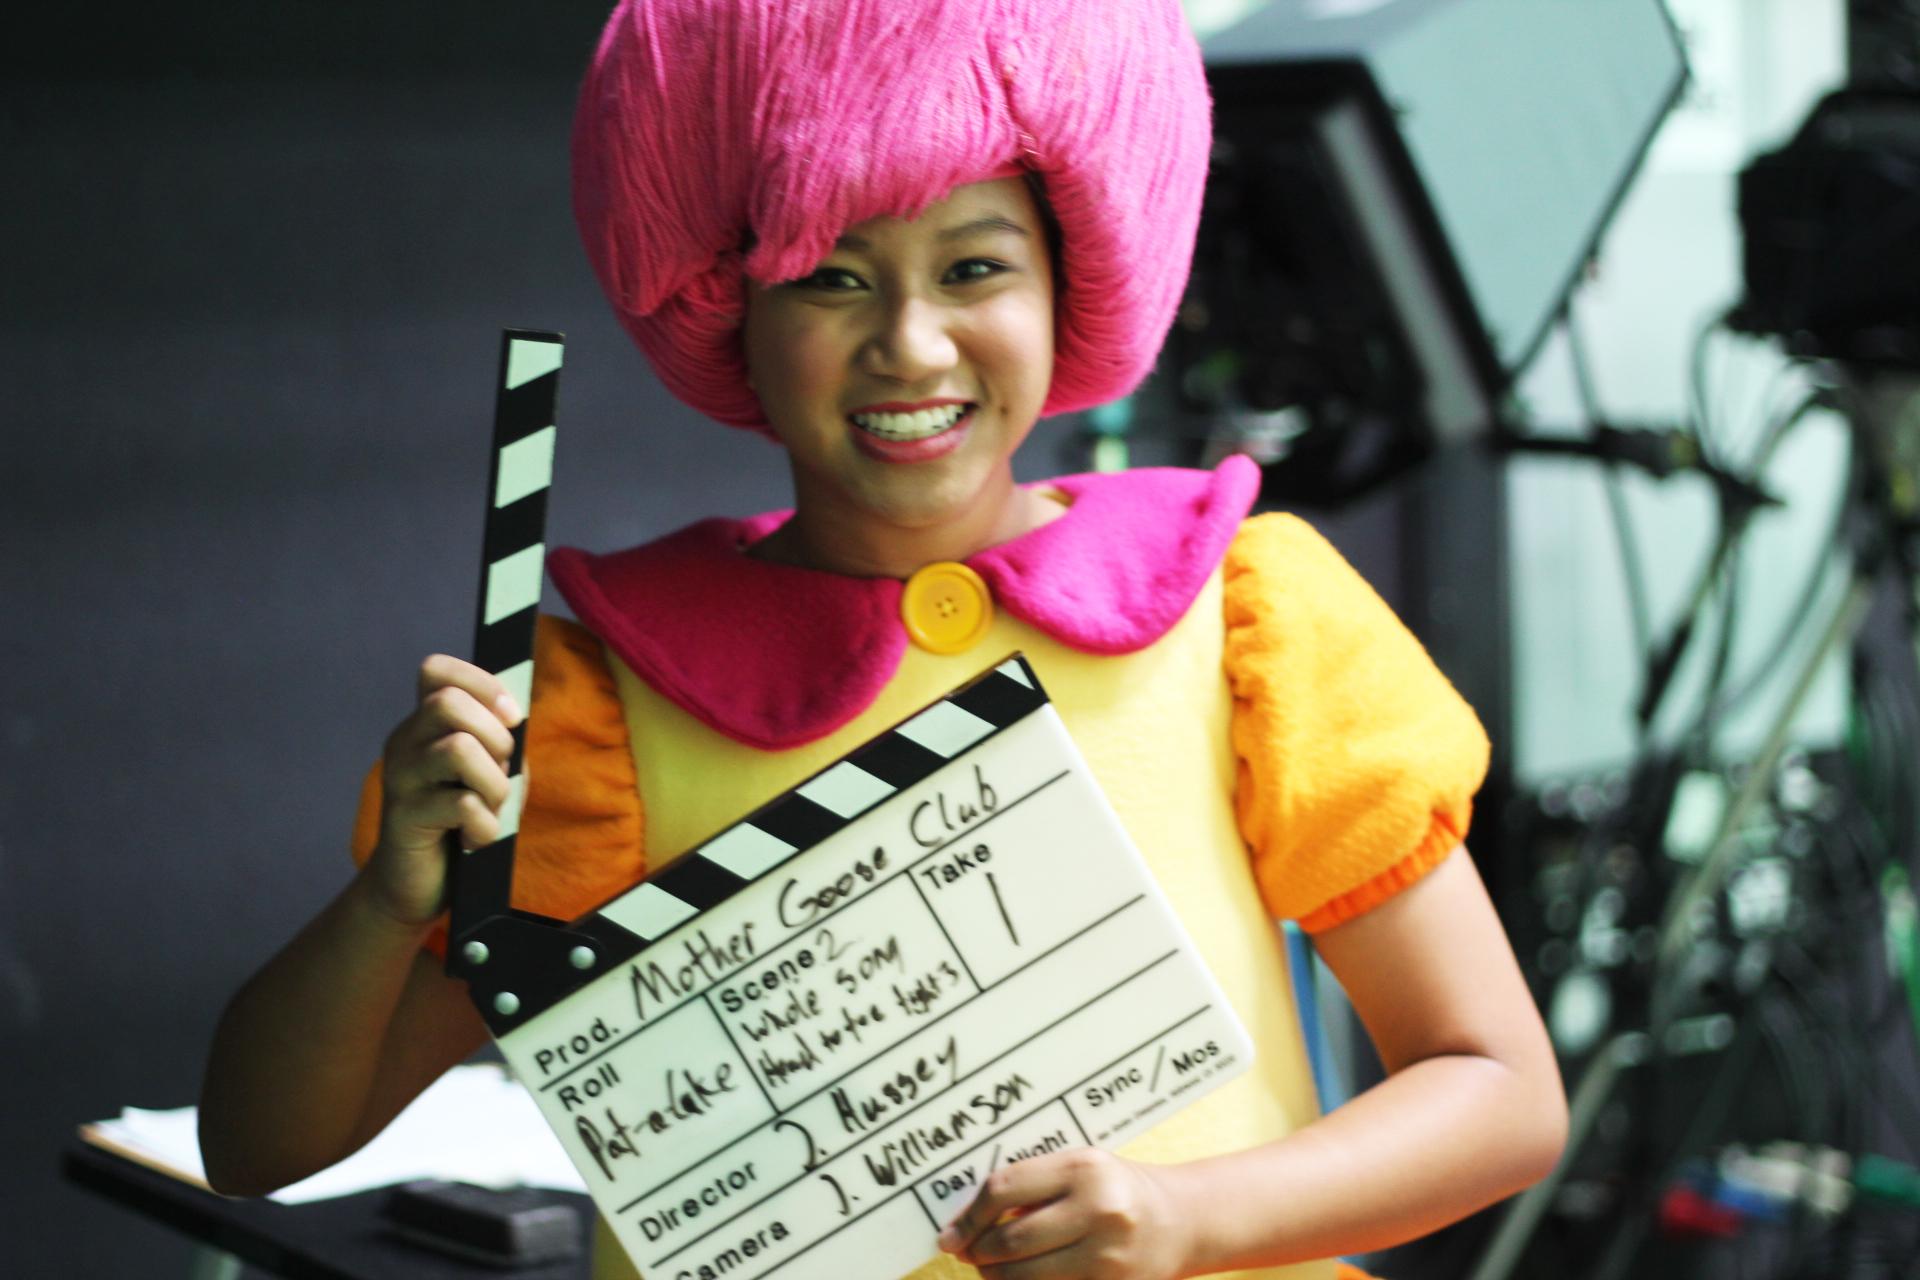 Director Jessica